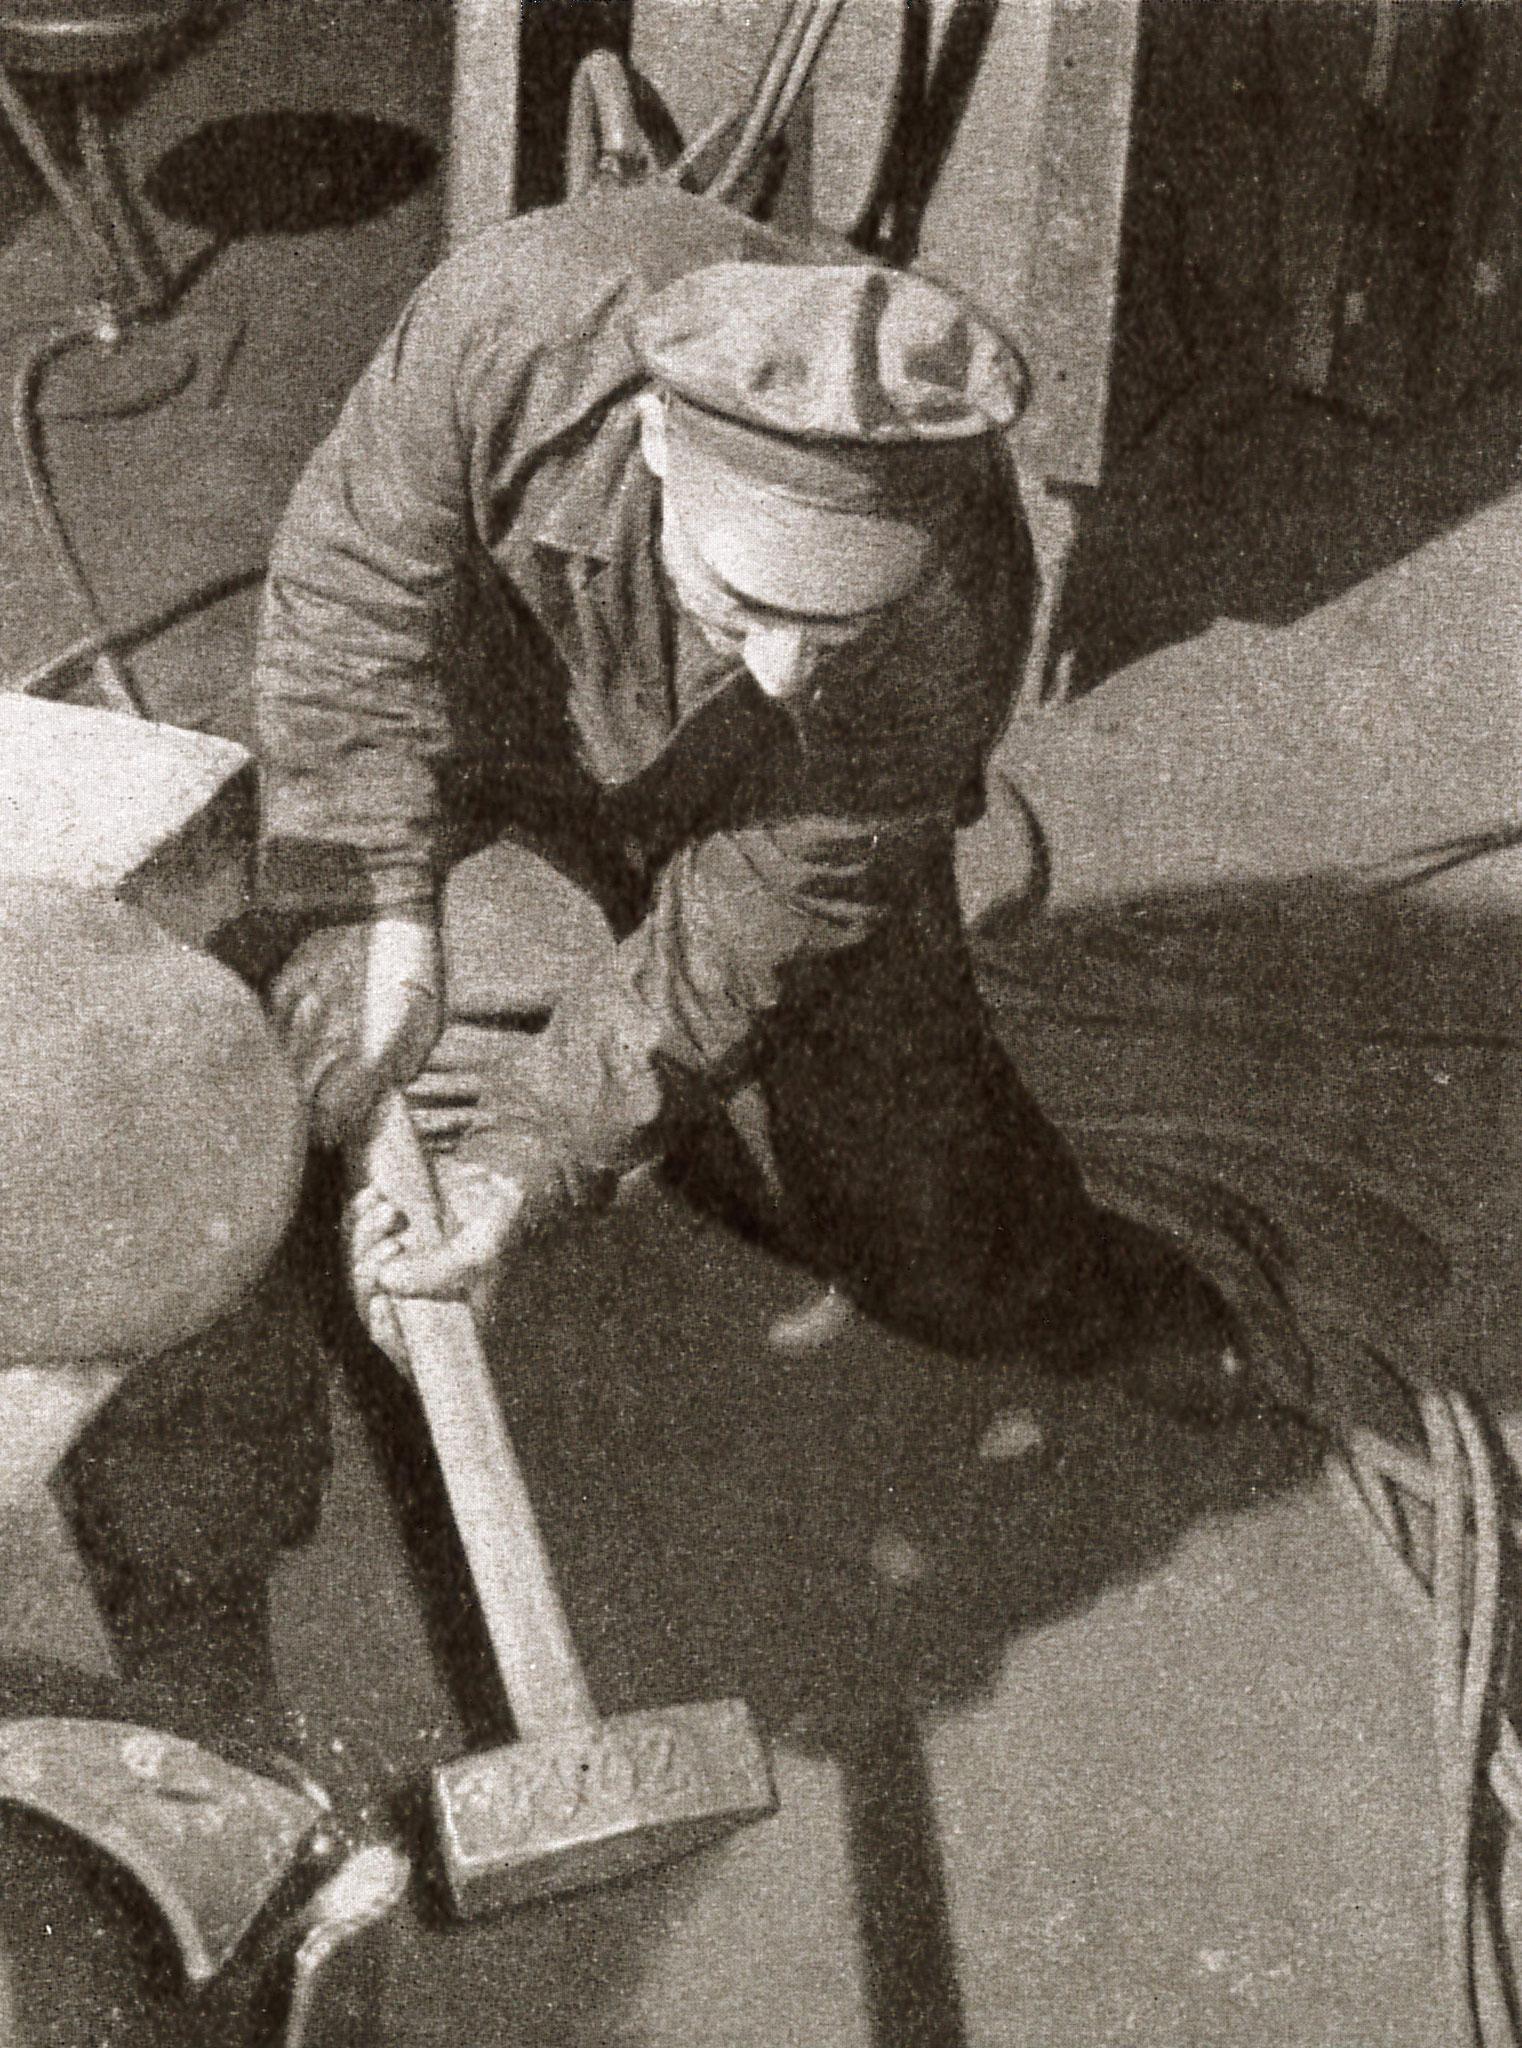 """Bearbeitung eines Zylinderteiles (Quelle: """"50 Jahre RAW, 50 Jahre Arbeiterbewegung"""", Zwickau, 1958)"""